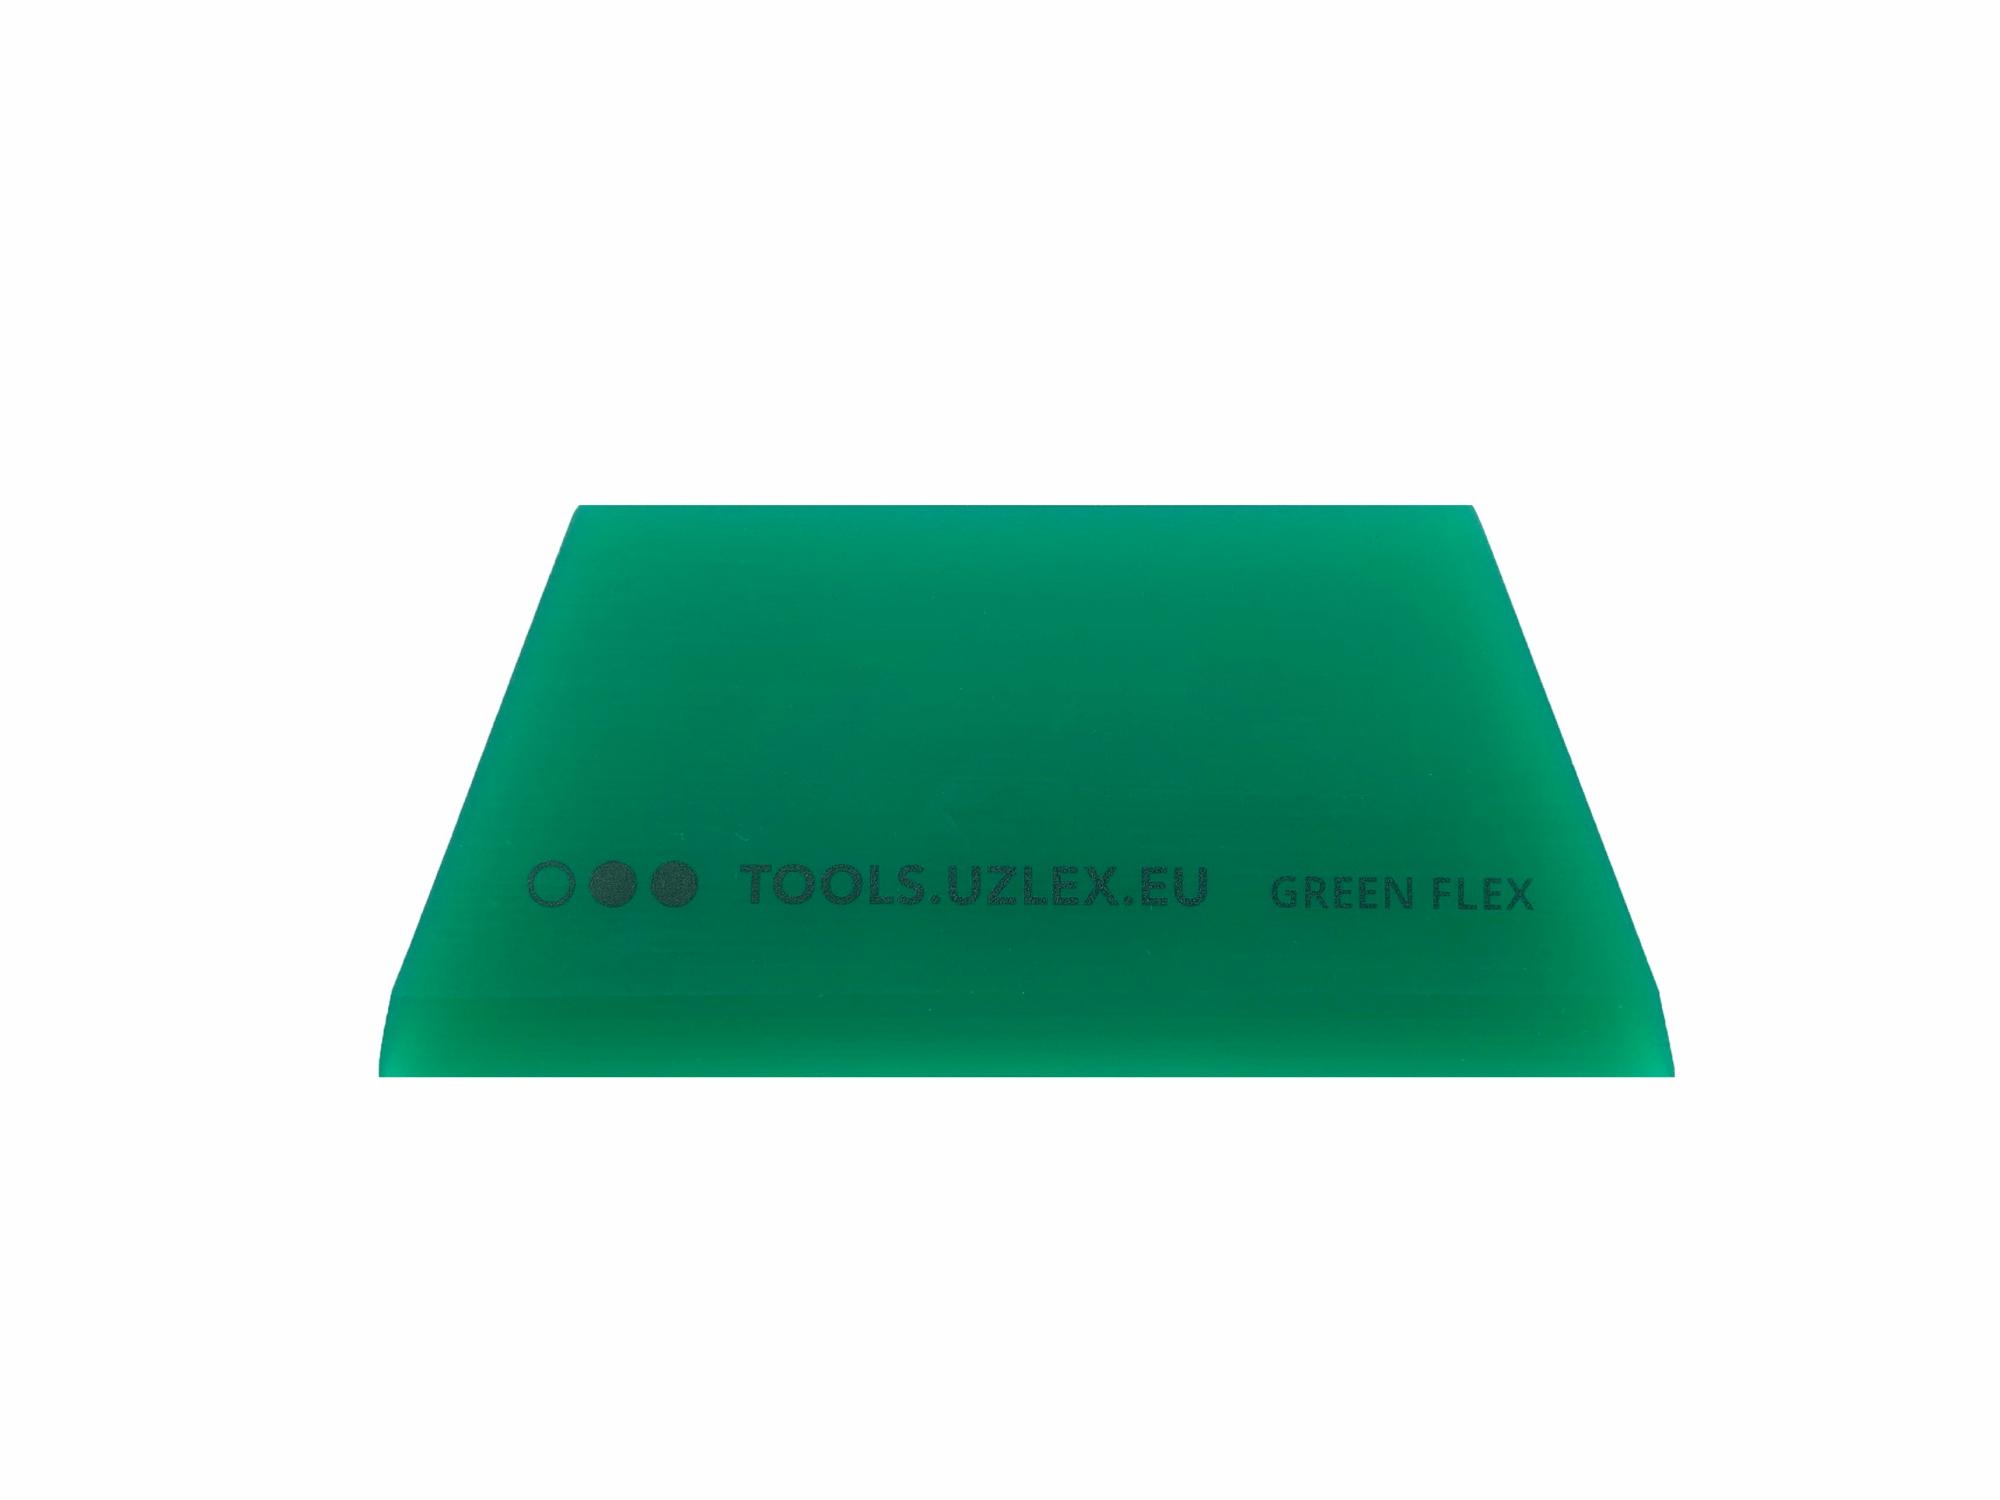 Ракель-трапеция GREEN-FLEX (средней жесткости) для полиуретановых пленок